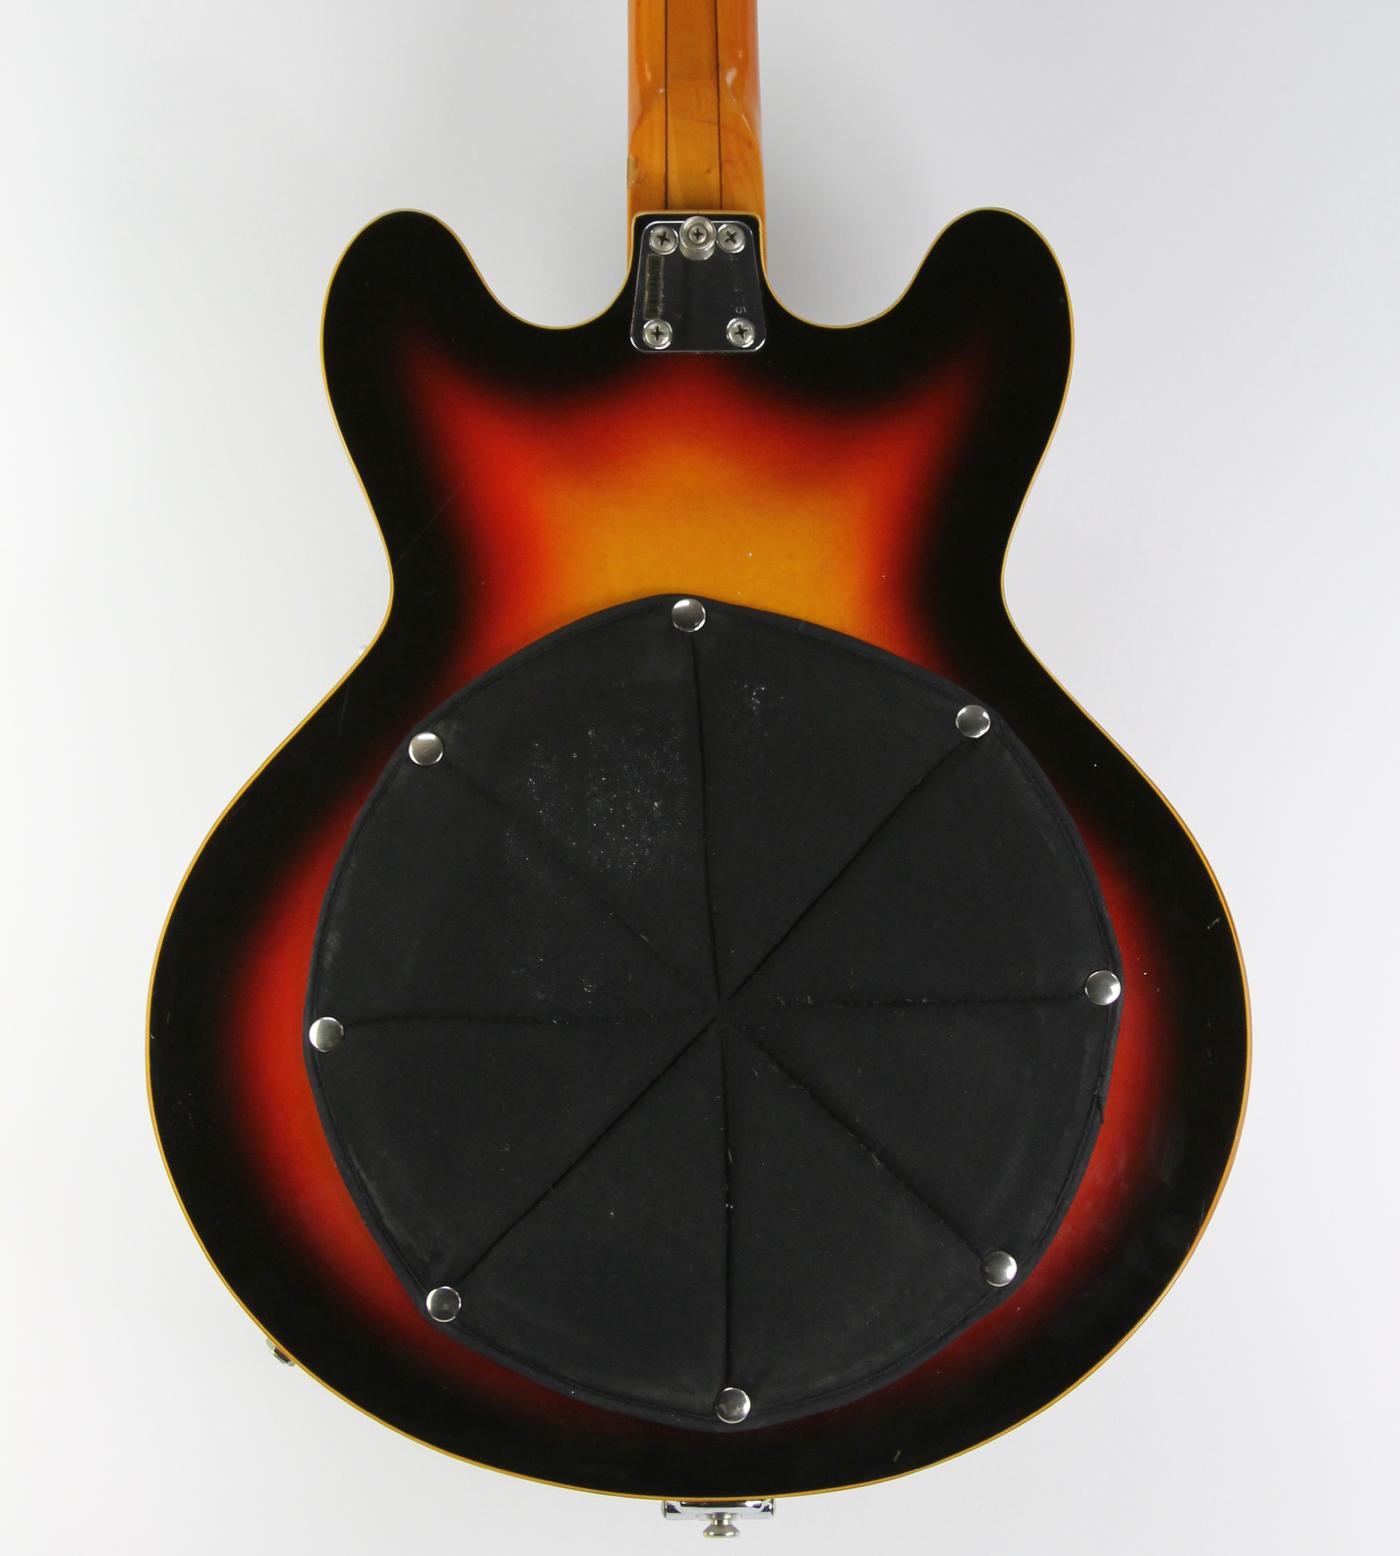 1960s Vox Ultrasonic detail 2